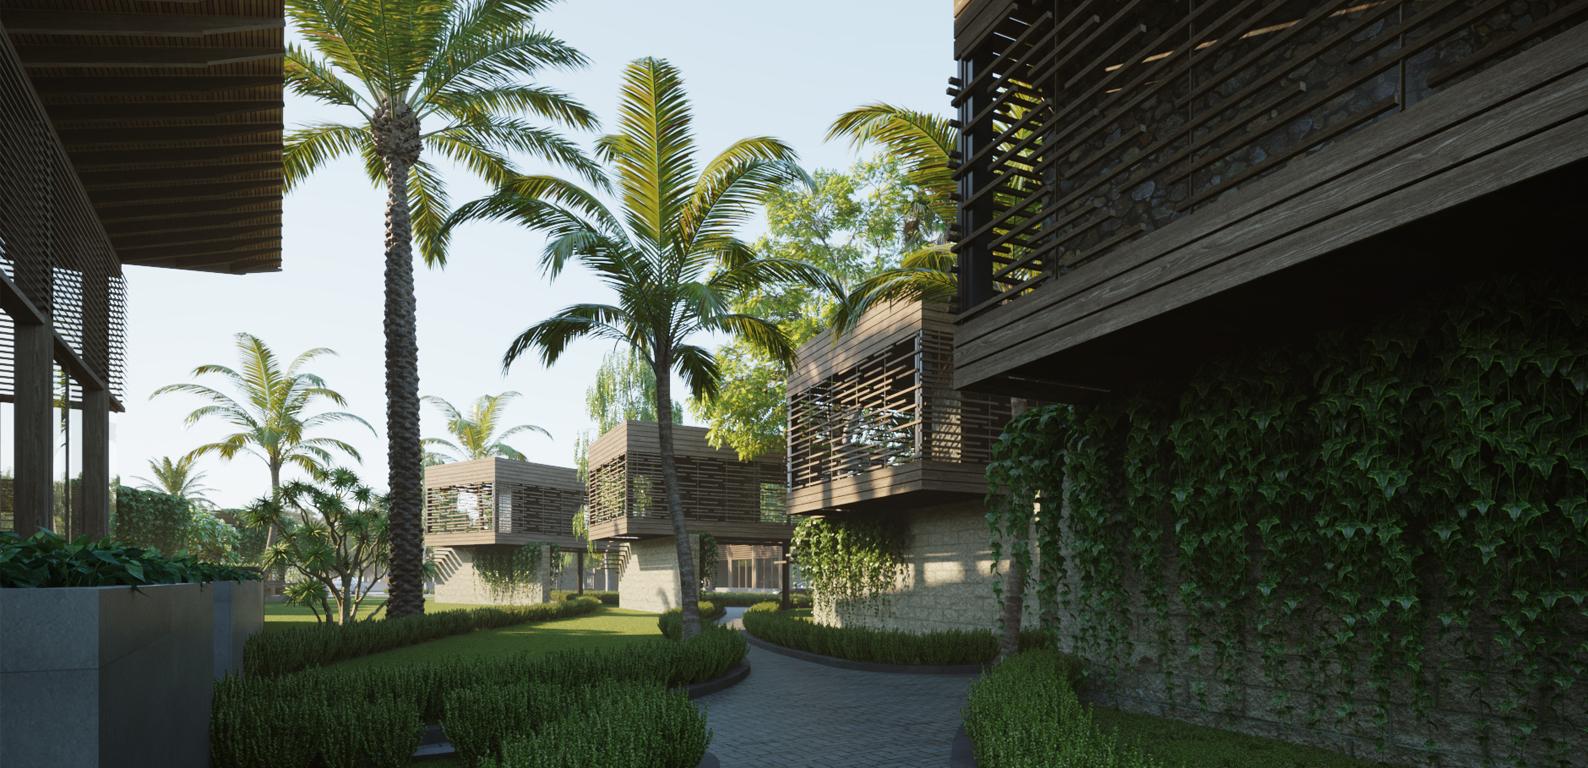 thiết kế Resort tại Khánh Hòa Resort Quốc Bảo 6 1531359418